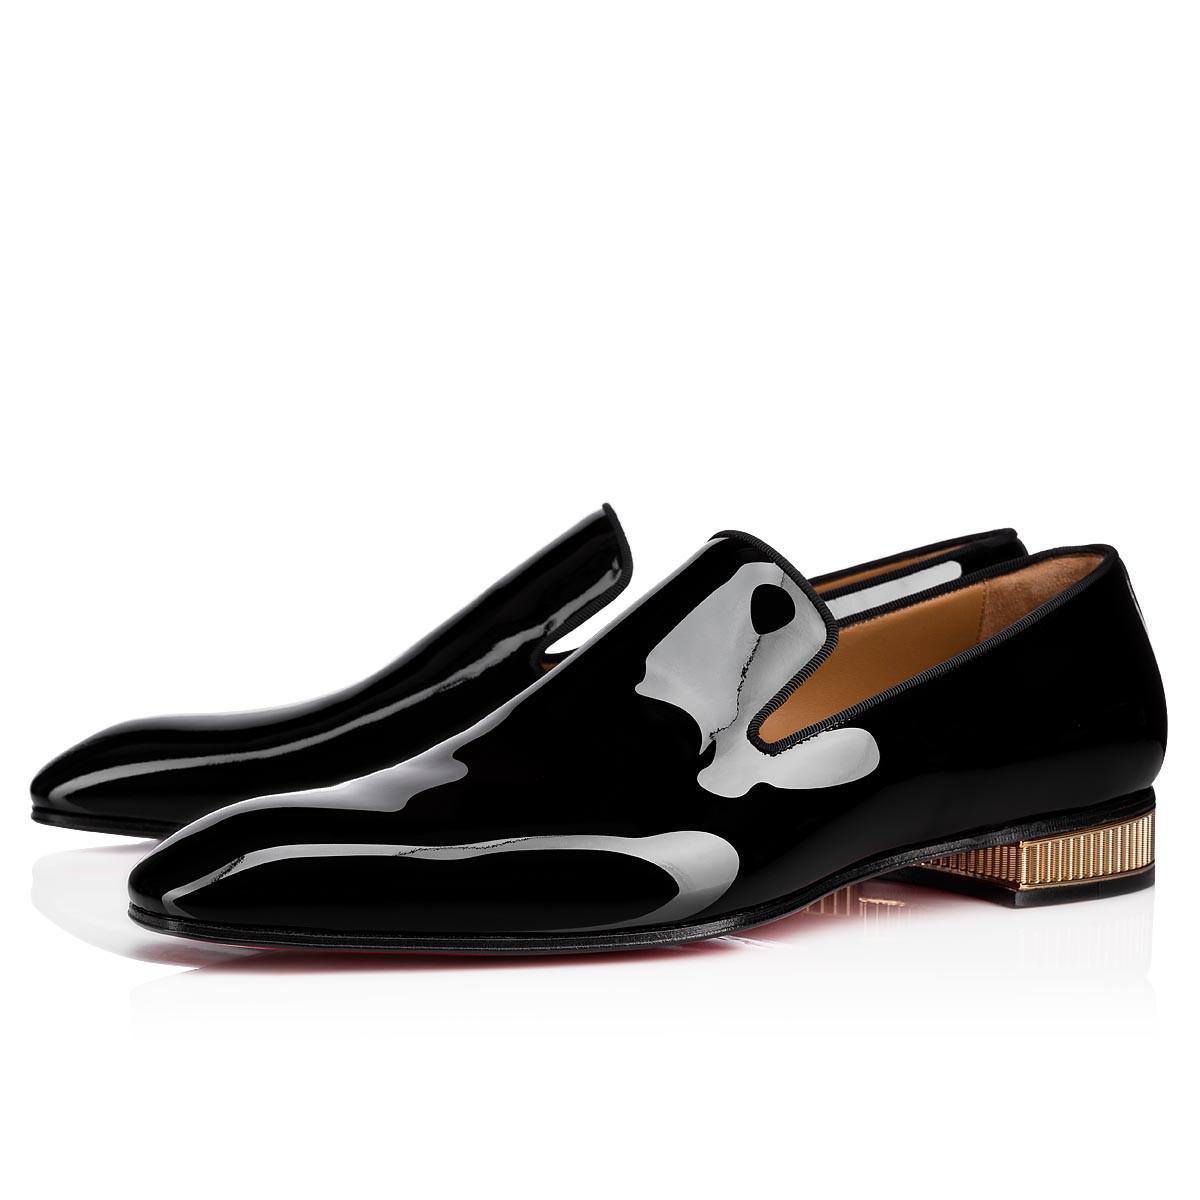 fda0d8fa05a Christian Louboutin Colonnaki Patent Gg Black Calf in Black for Men ...